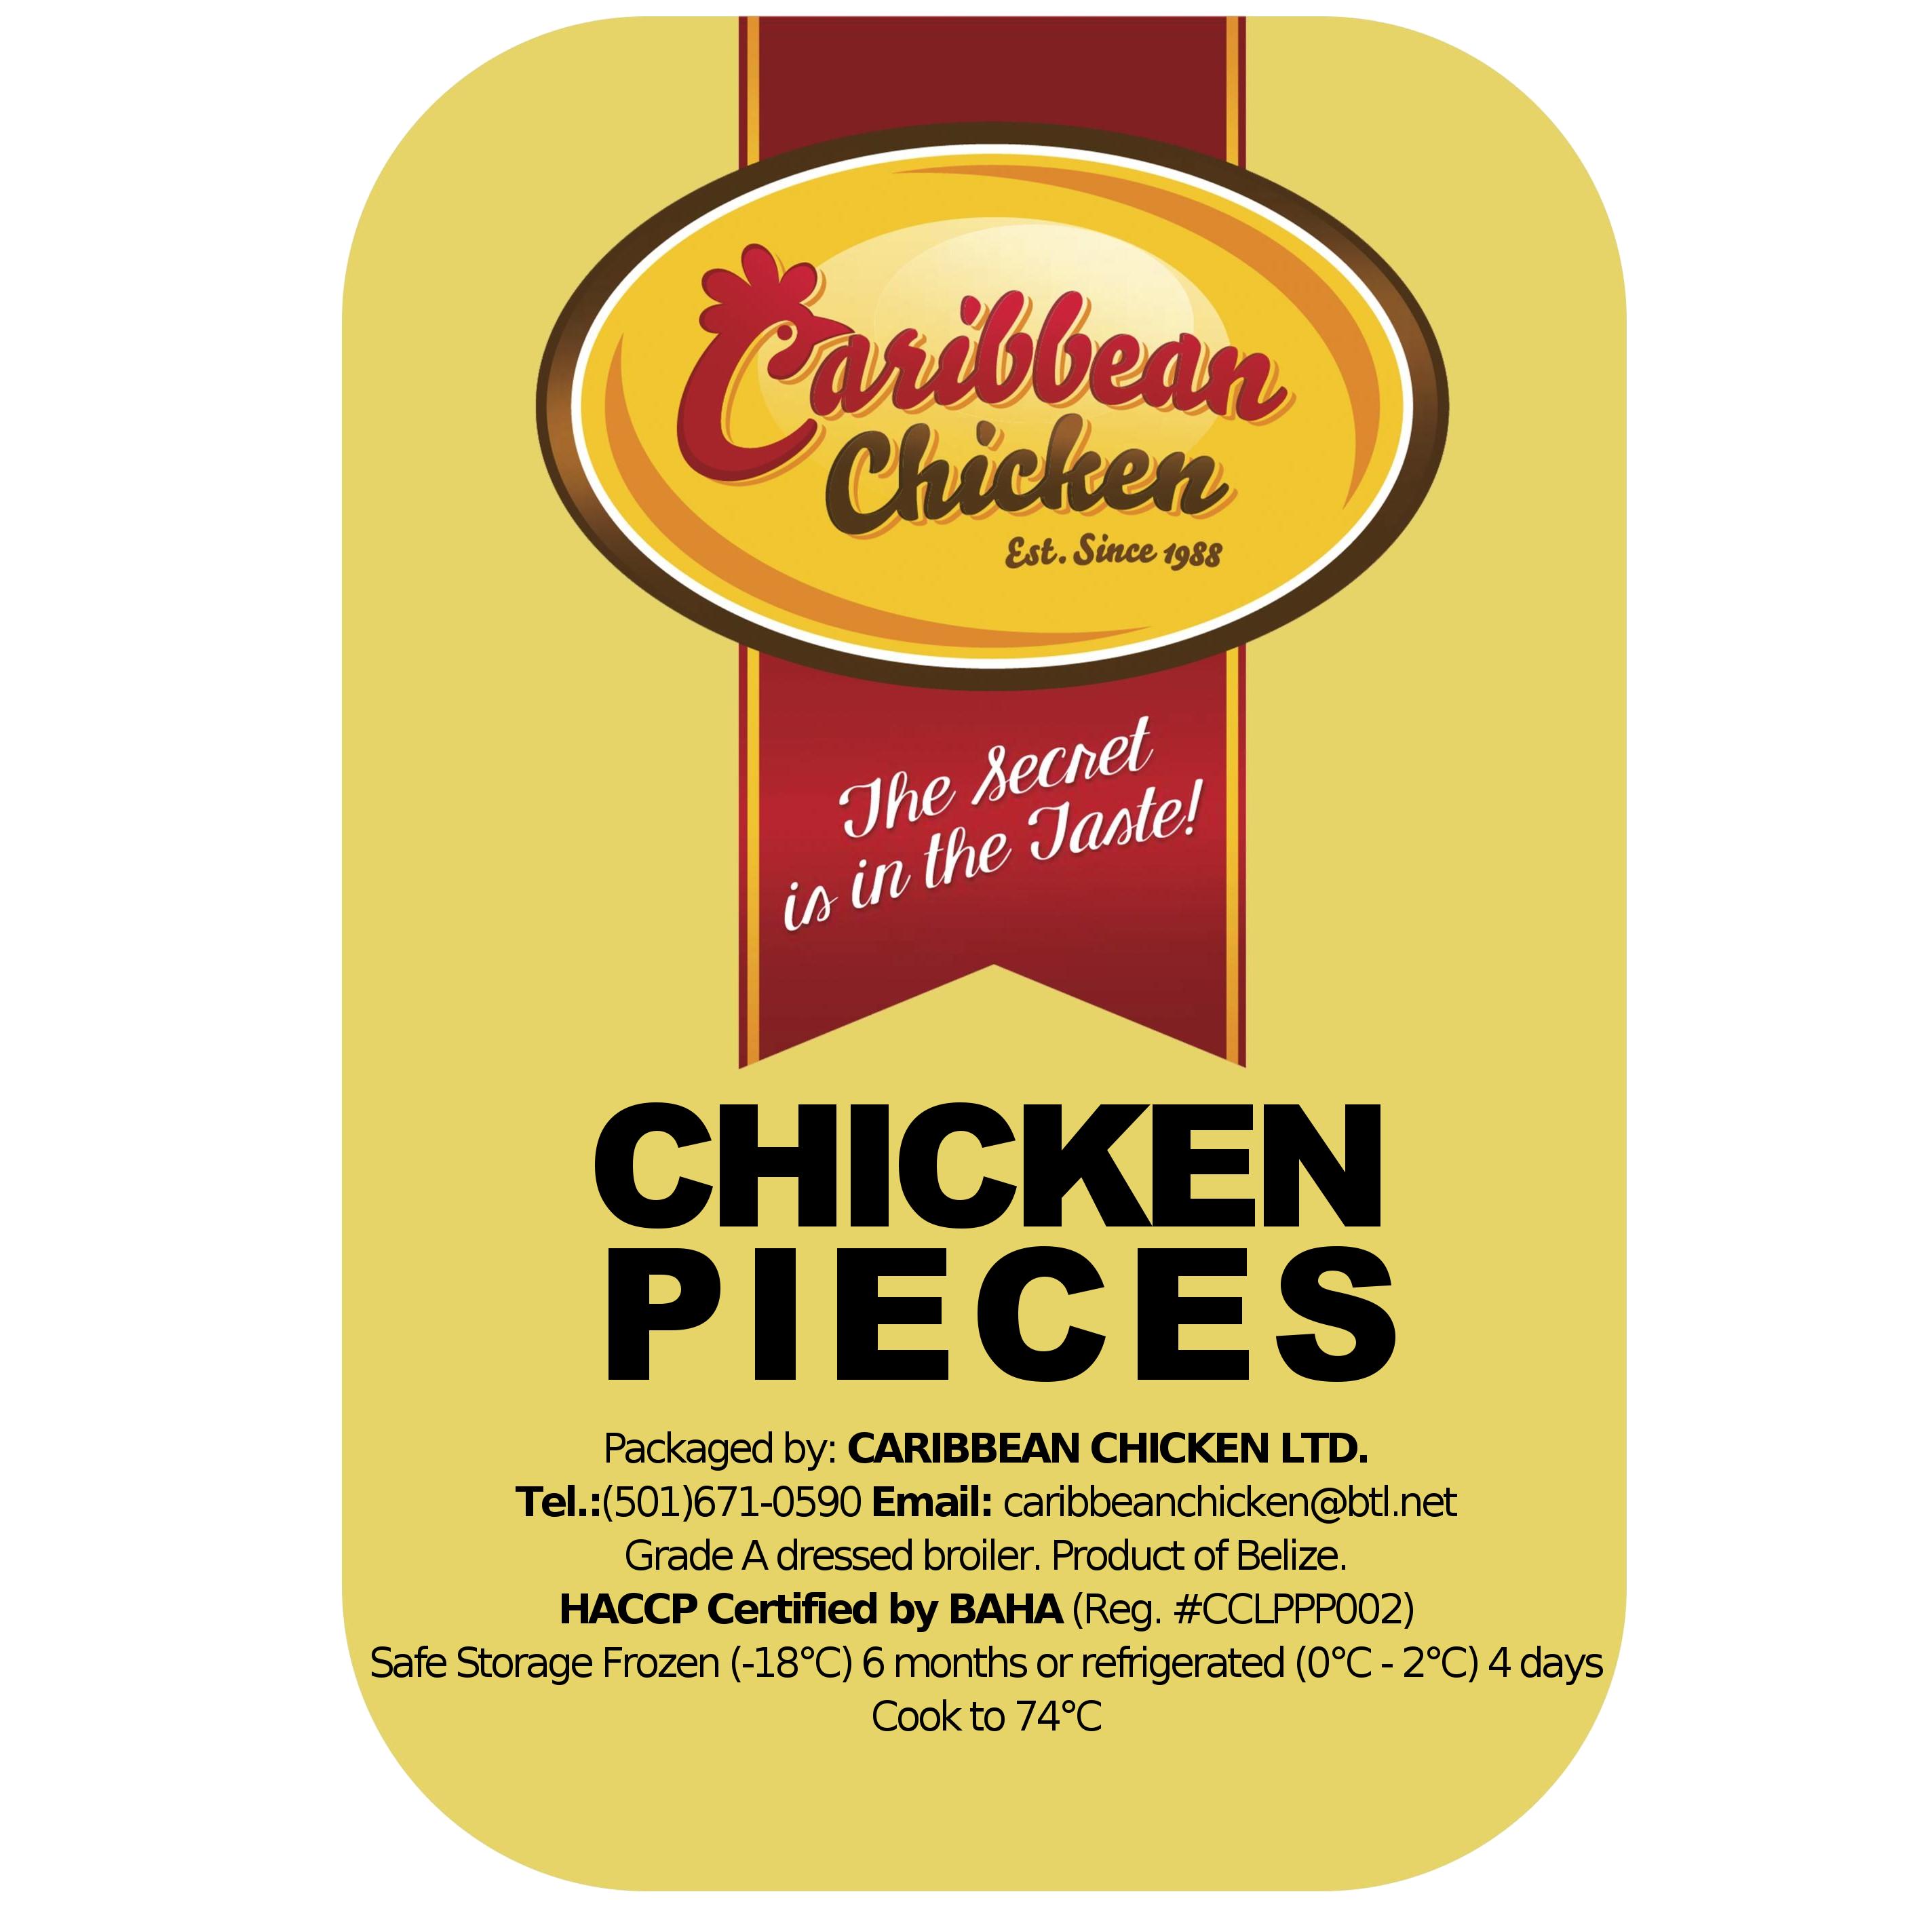 Caribbean Chicken: chicken pieces